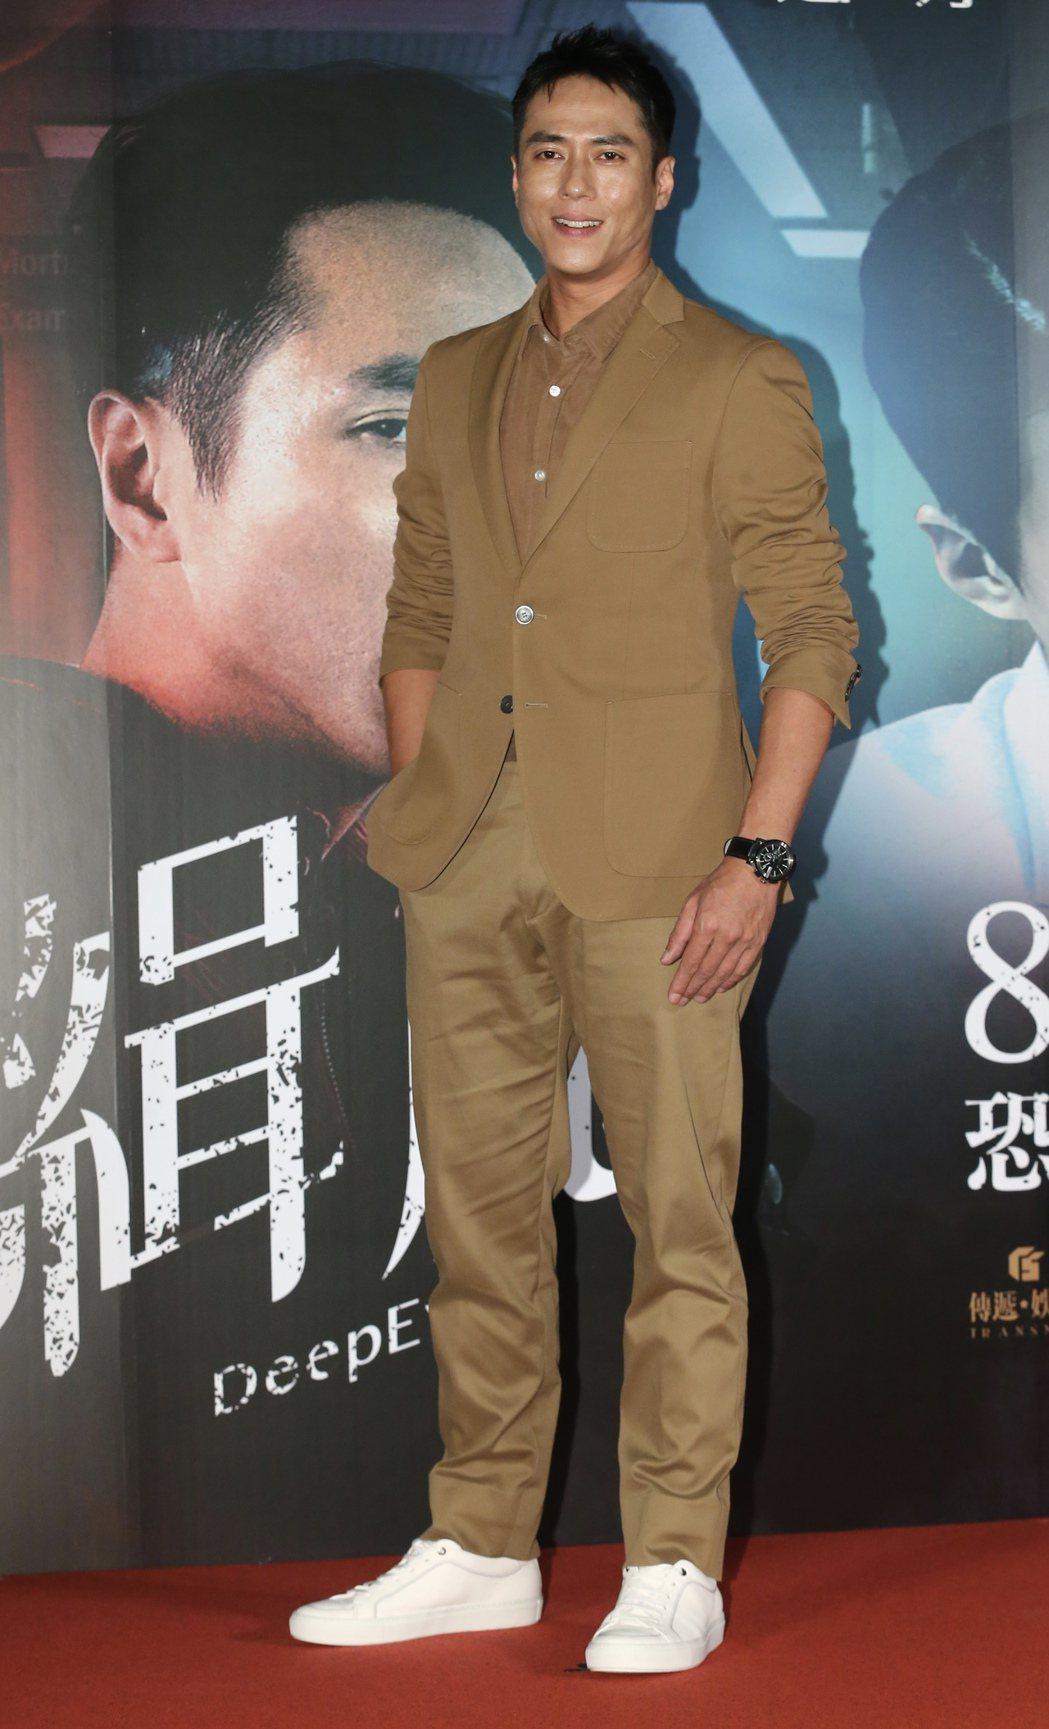 國片「緝魔」舉辦首映會,片中演員莊凱勛等人一同出席首映會活動。記者許正宏/攝影